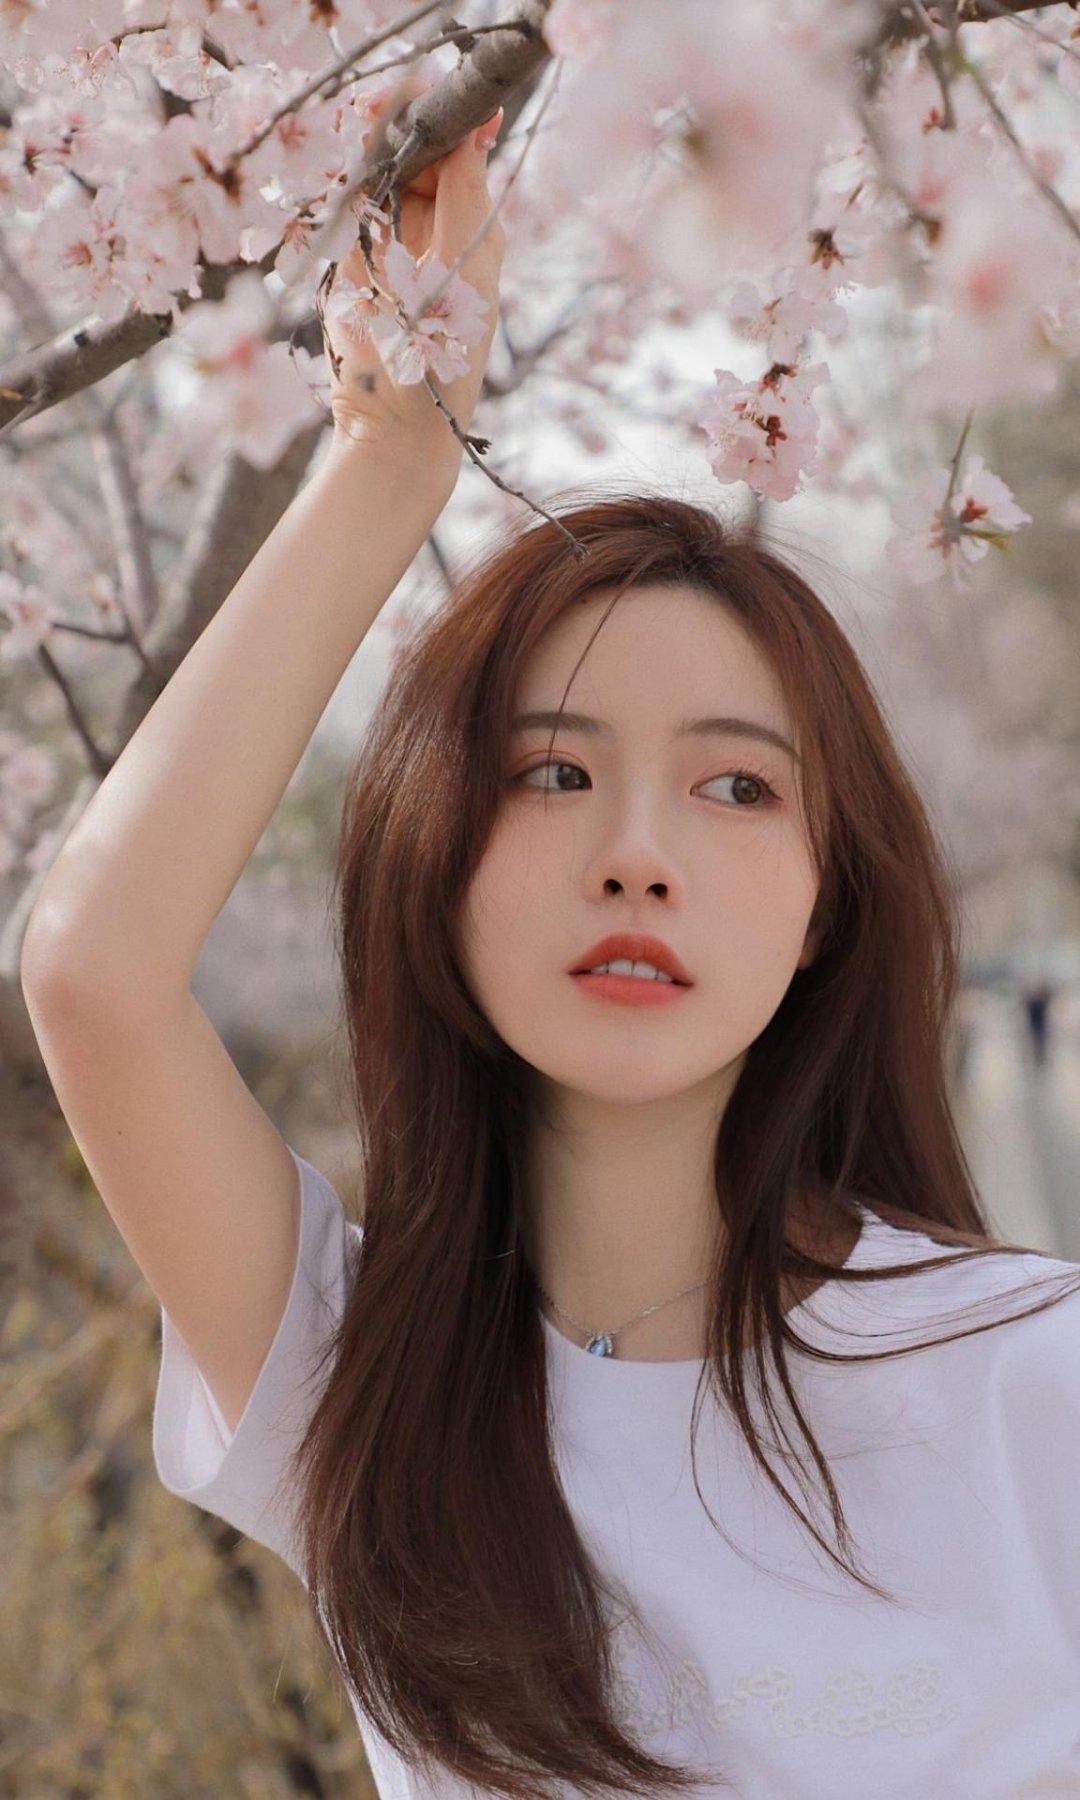 樱花树下的清纯可爱美女写真